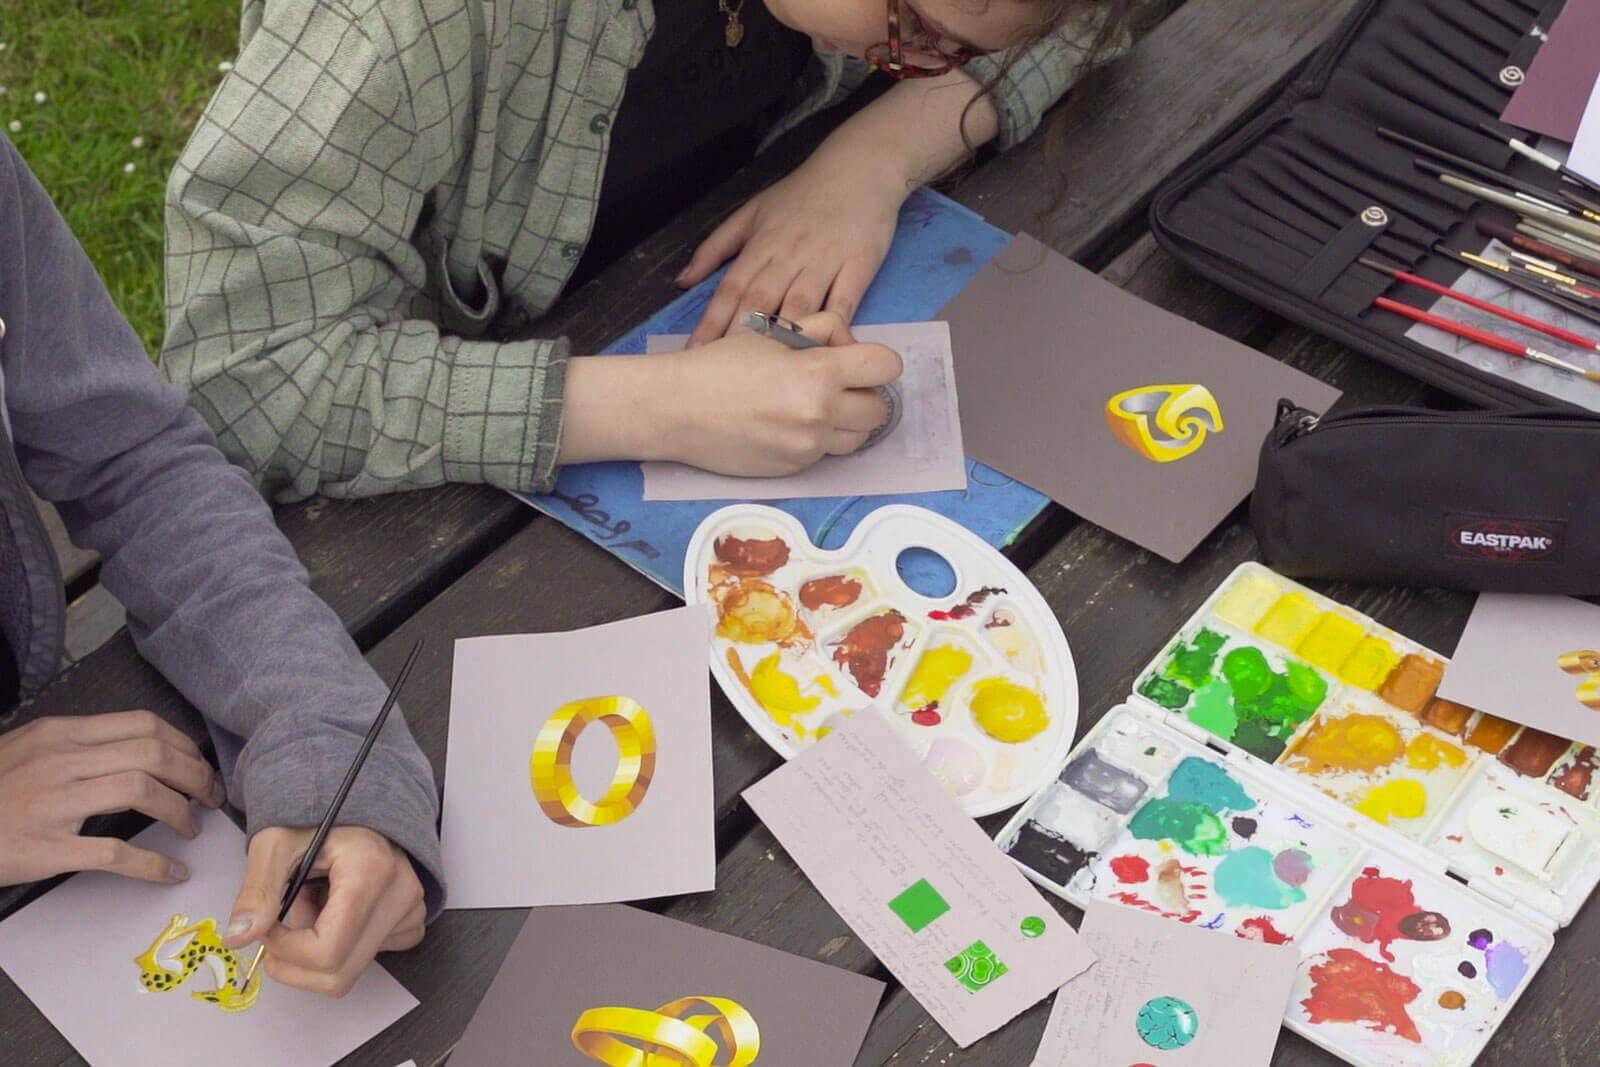 Jeunes faisant de la peinture - Foyer étudiant Les Enfants des Arts, près de Paris